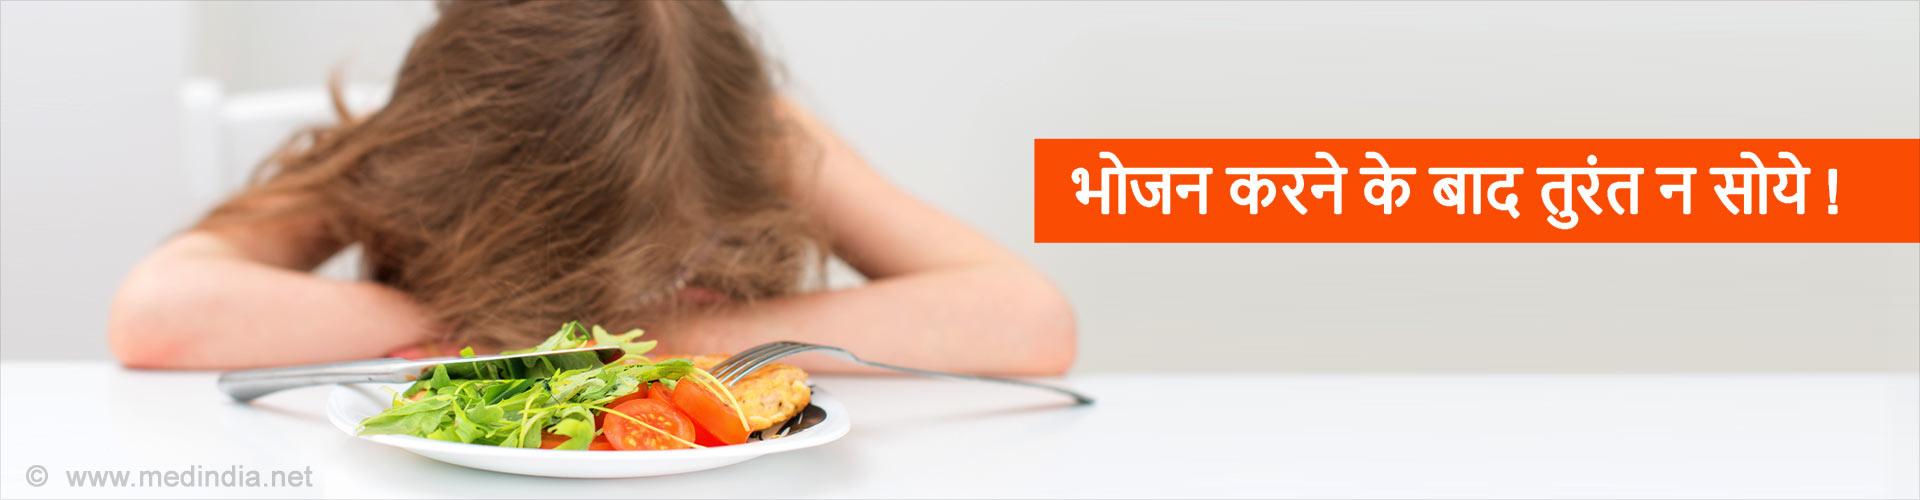 भोजन करने के बाद तुरंत न सोये !